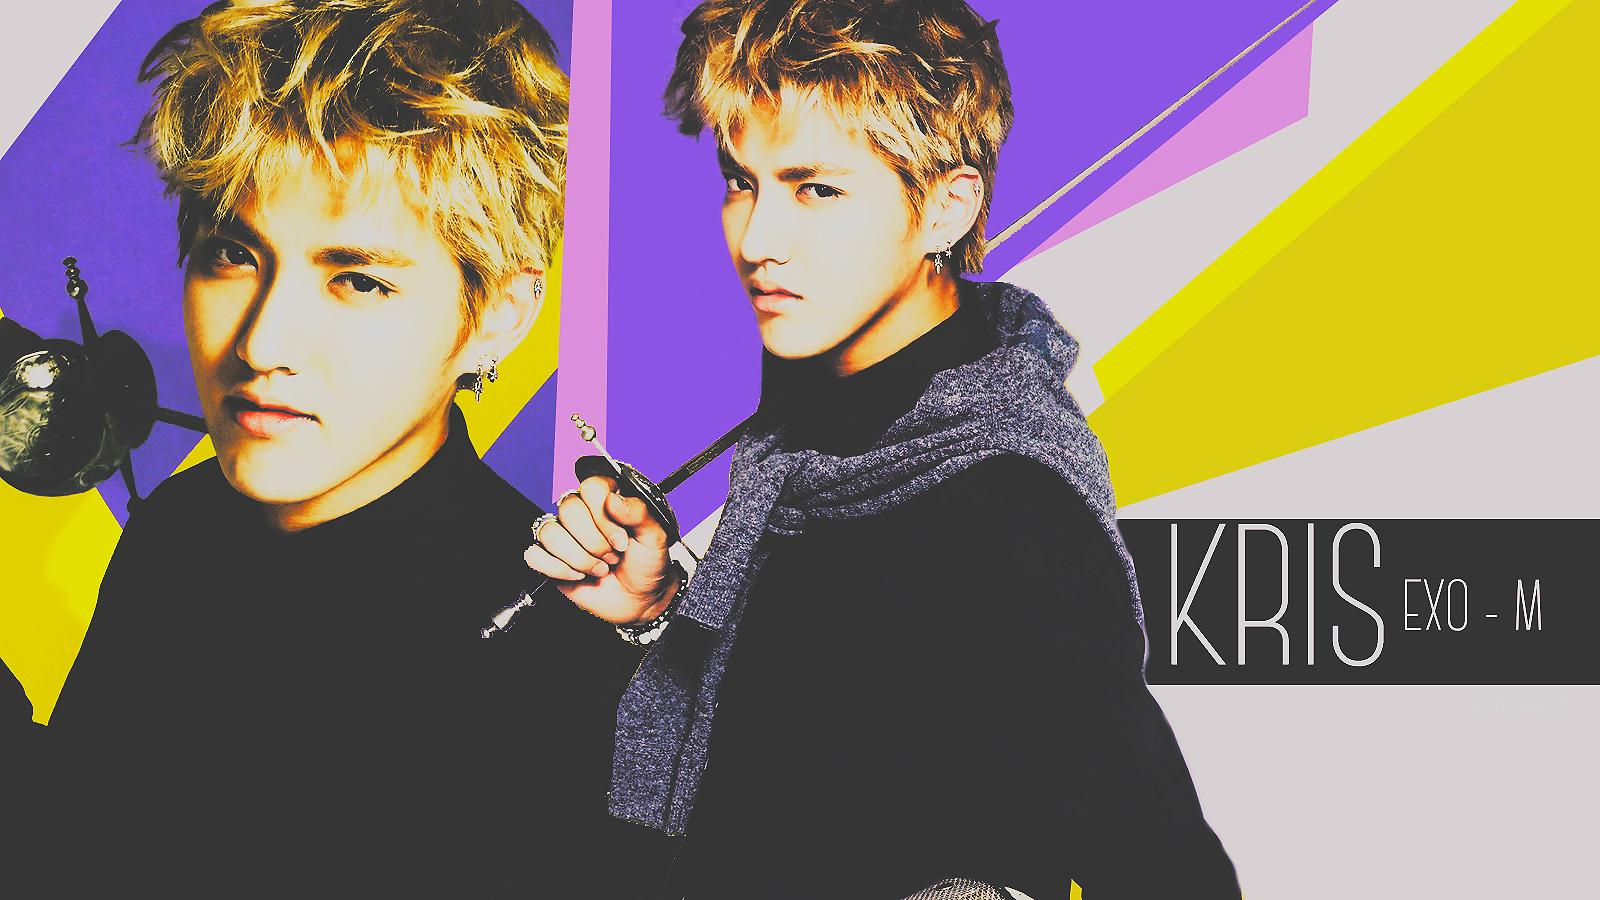 prince exo wallpaper-#8